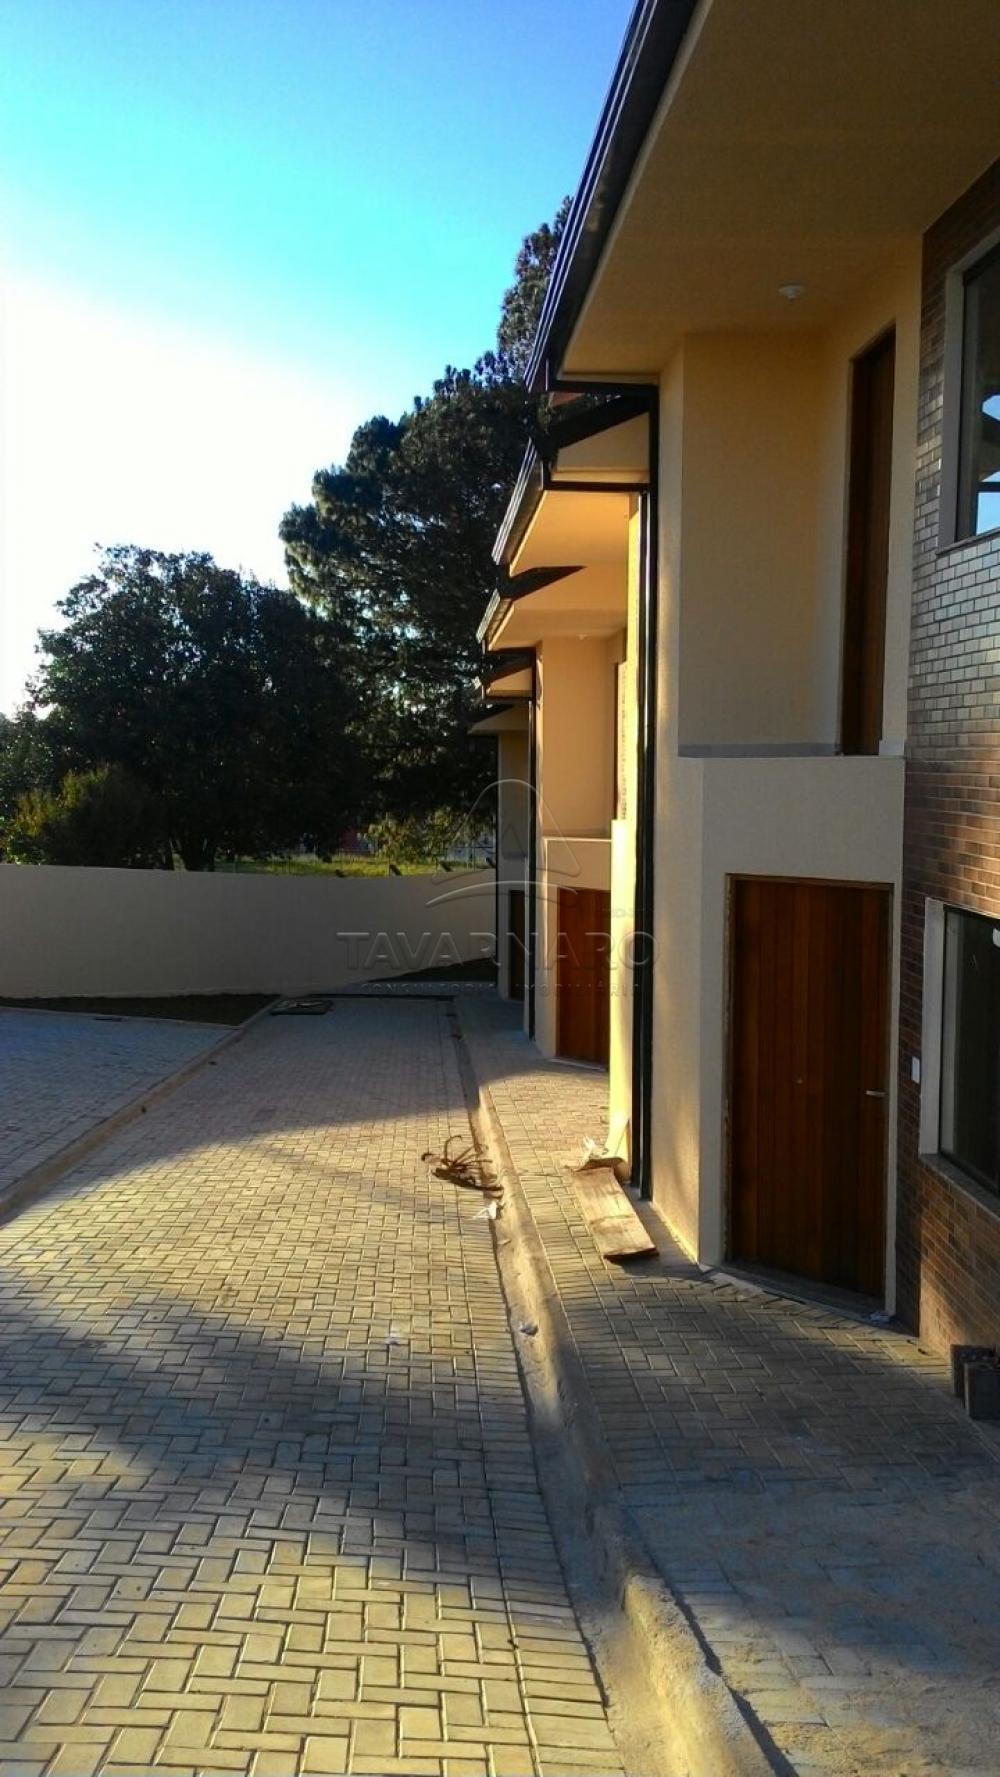 Comprar Casa / Condomínio em Ponta Grossa apenas R$ 135.000,00 - Foto 6